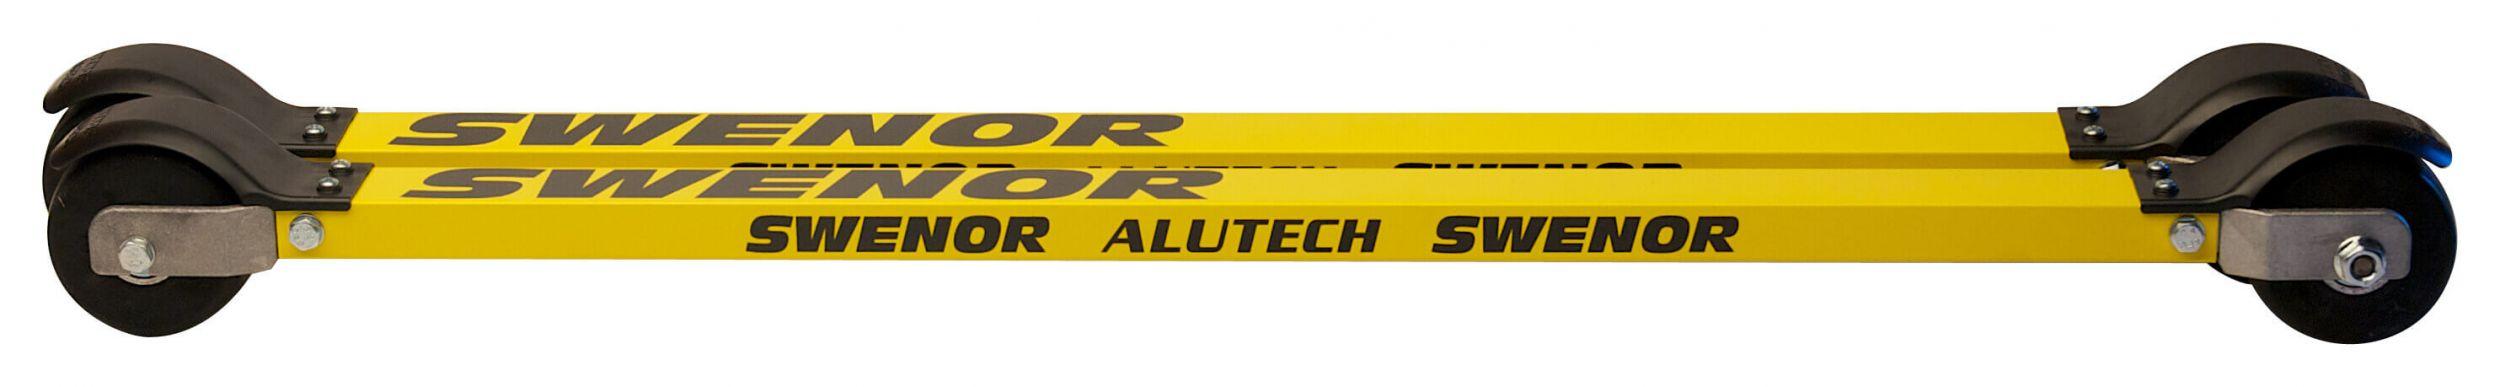 067-000_Alutech